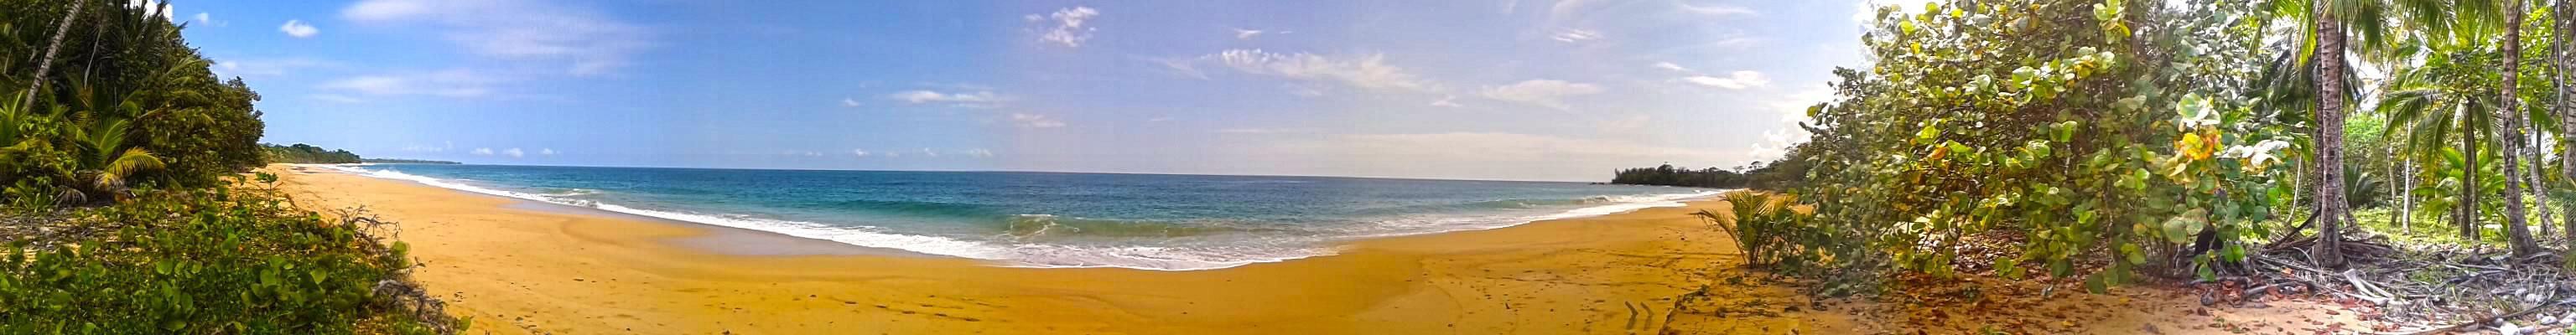 bluff-beach-bocas-del-toro